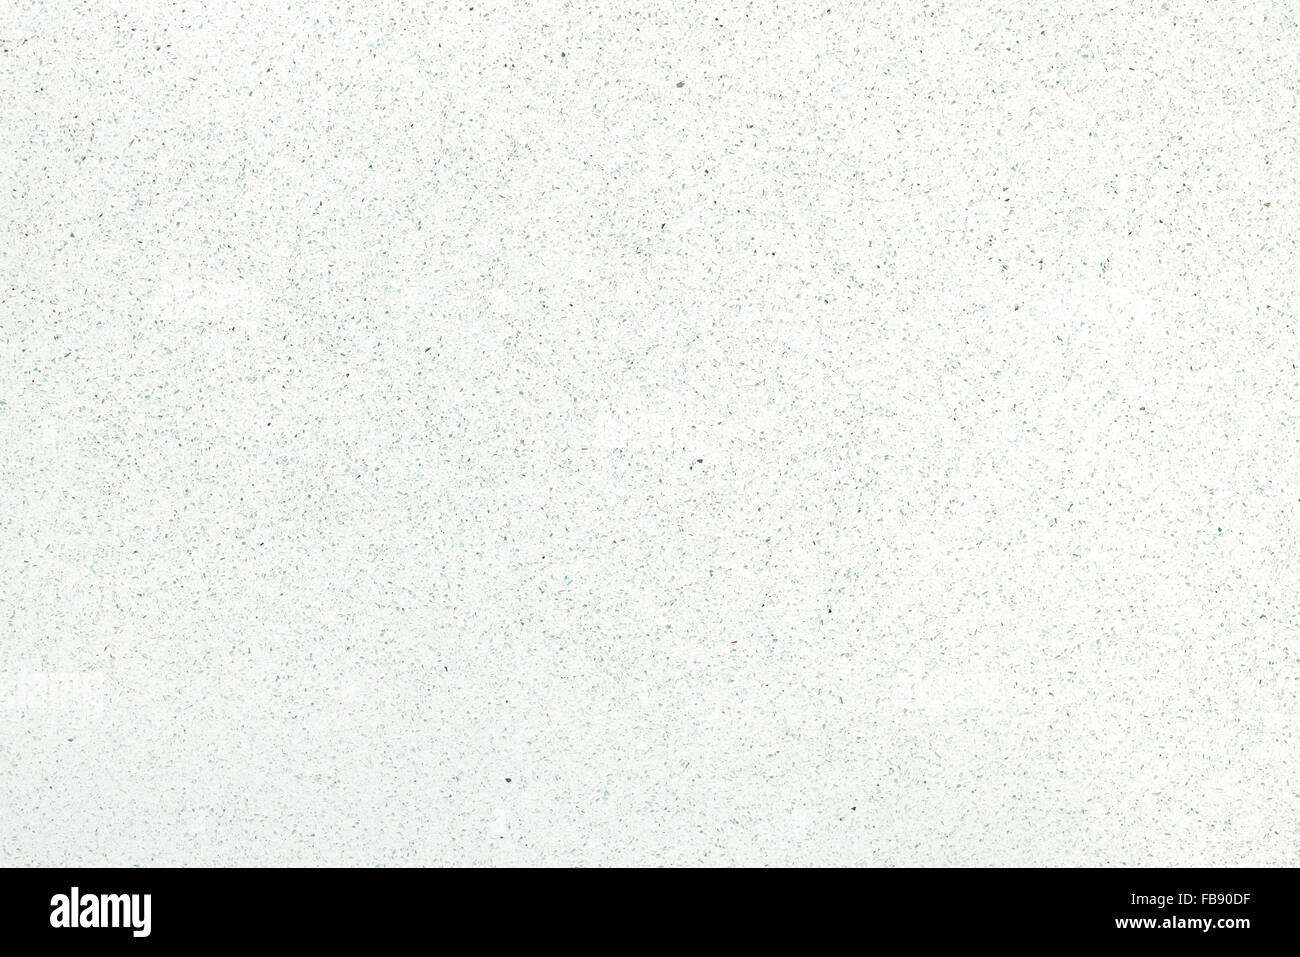 quarzoberflche fr bad oder kche weie arbeitsplatte hochauflsende texturen und muster - Bad Muster